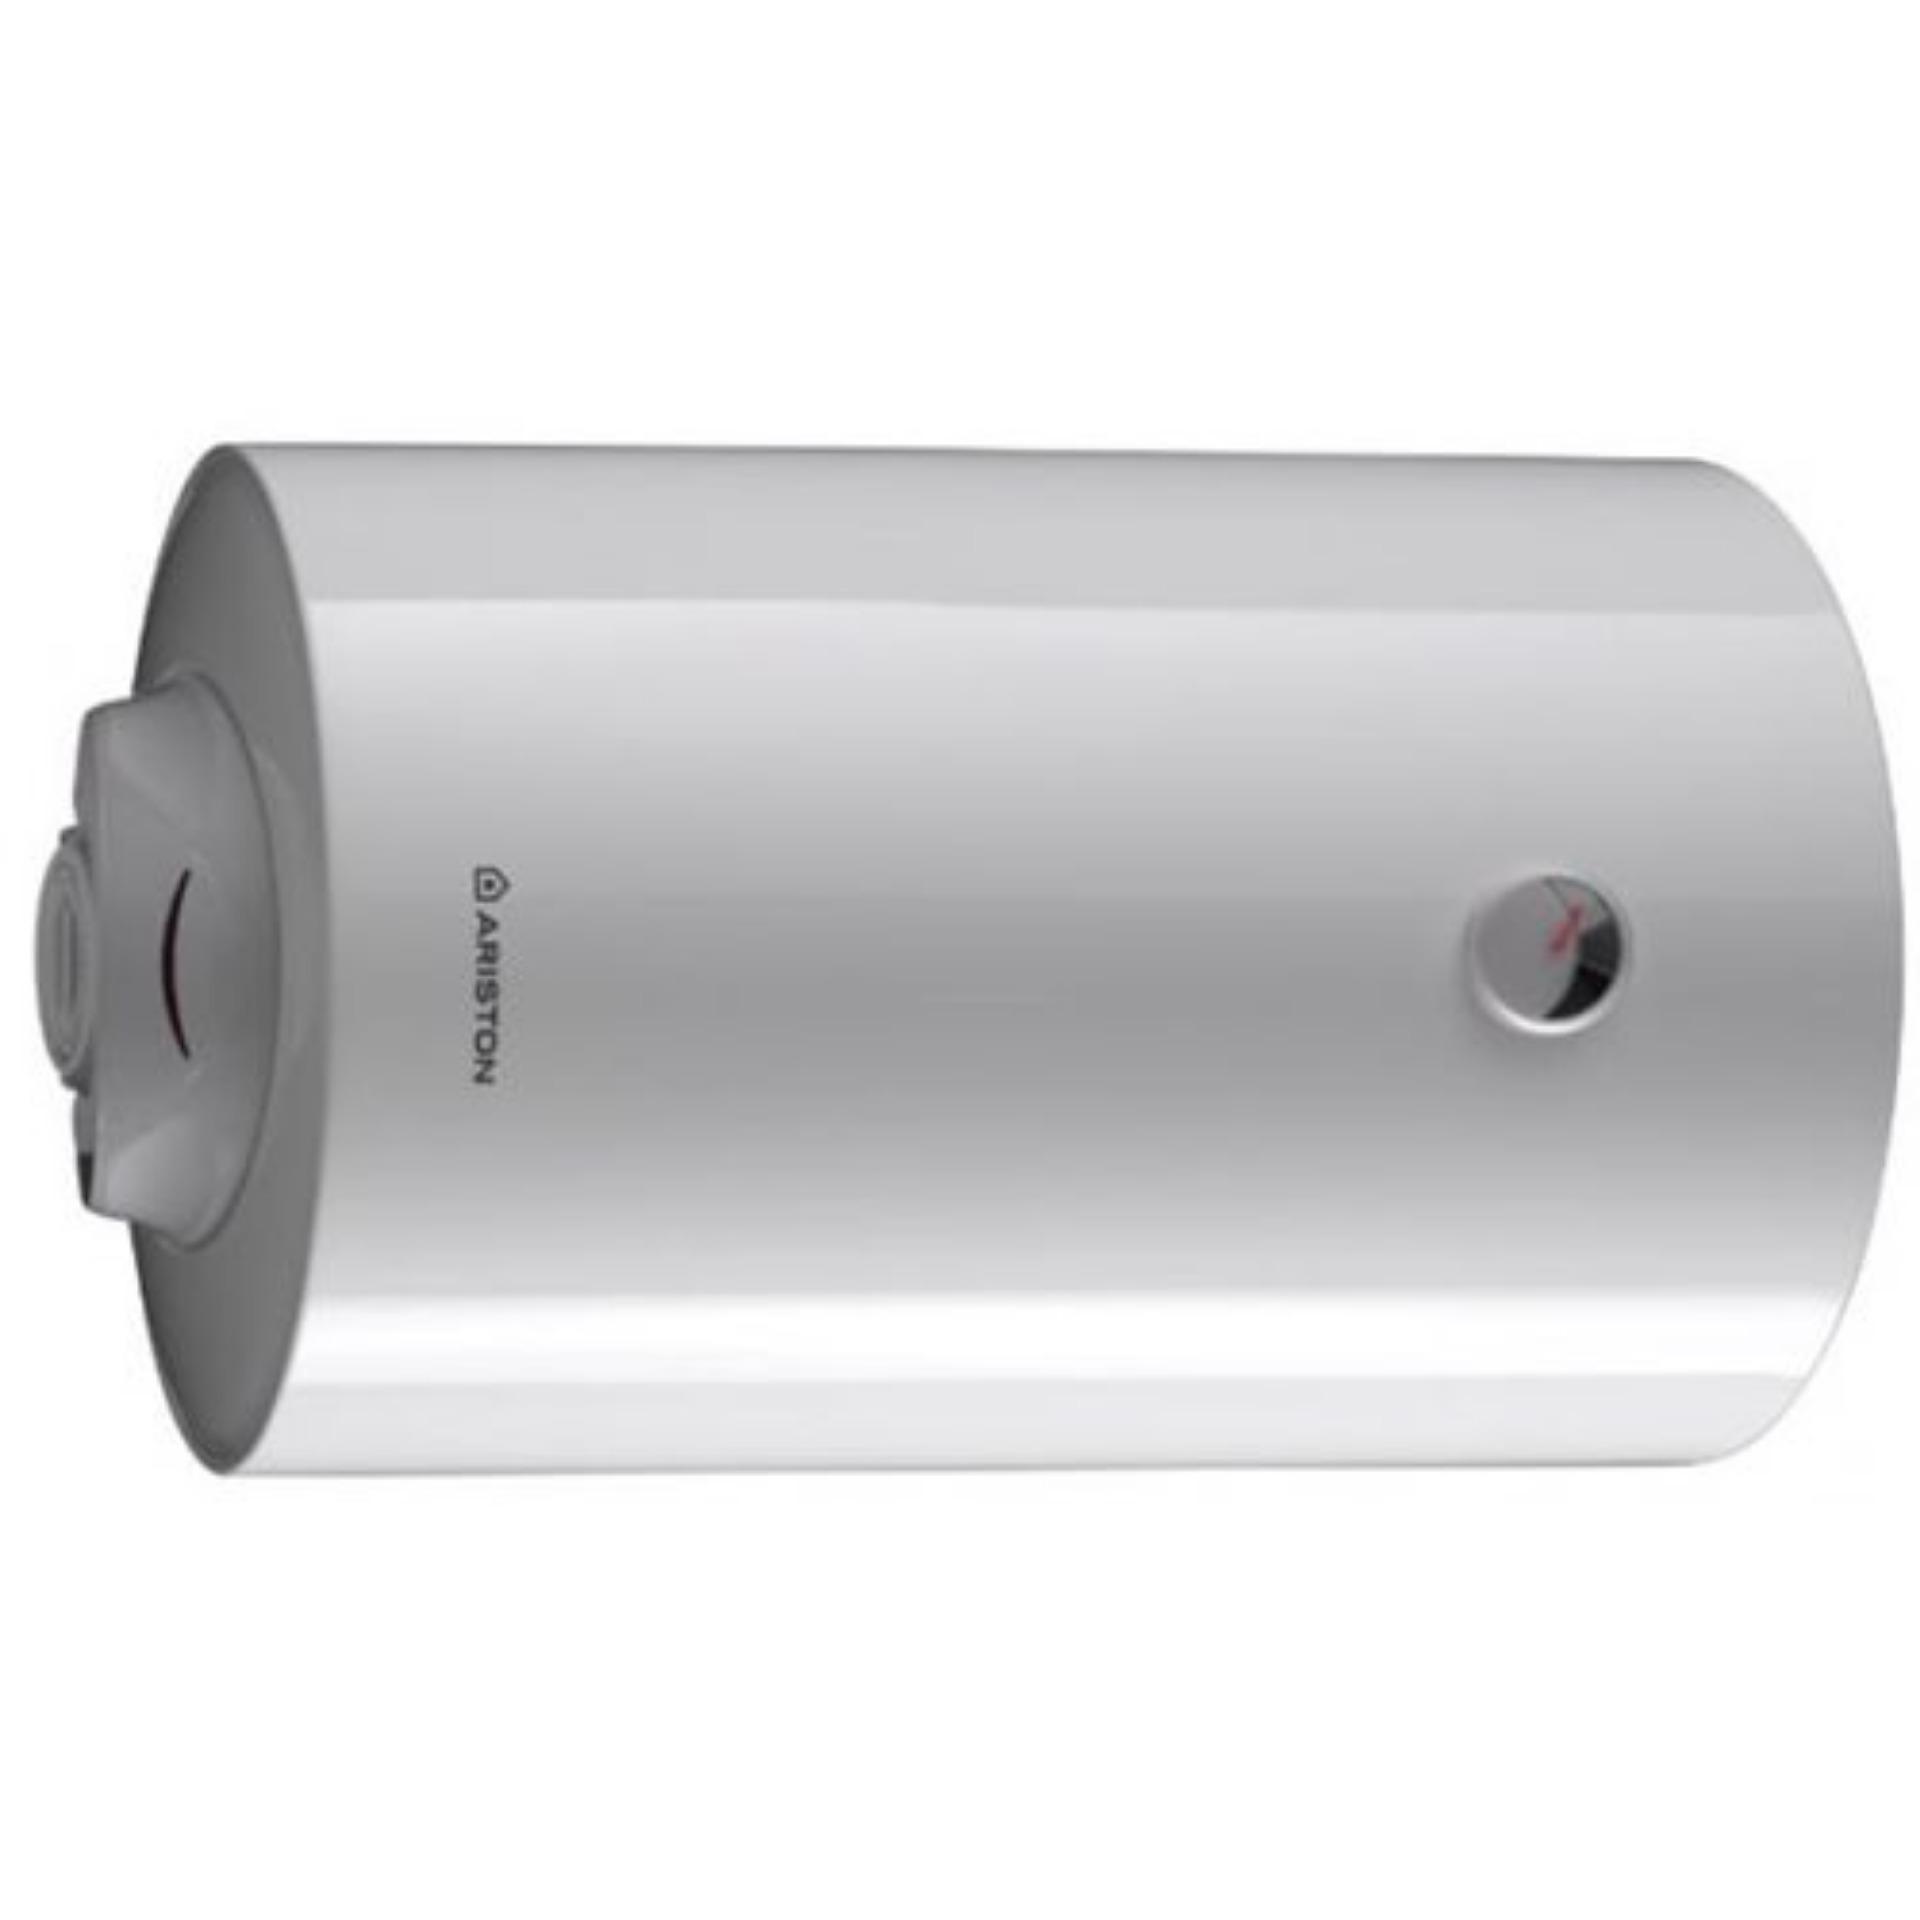 Bình nước nóng Ariston PRO R 100 V 2.5 FE